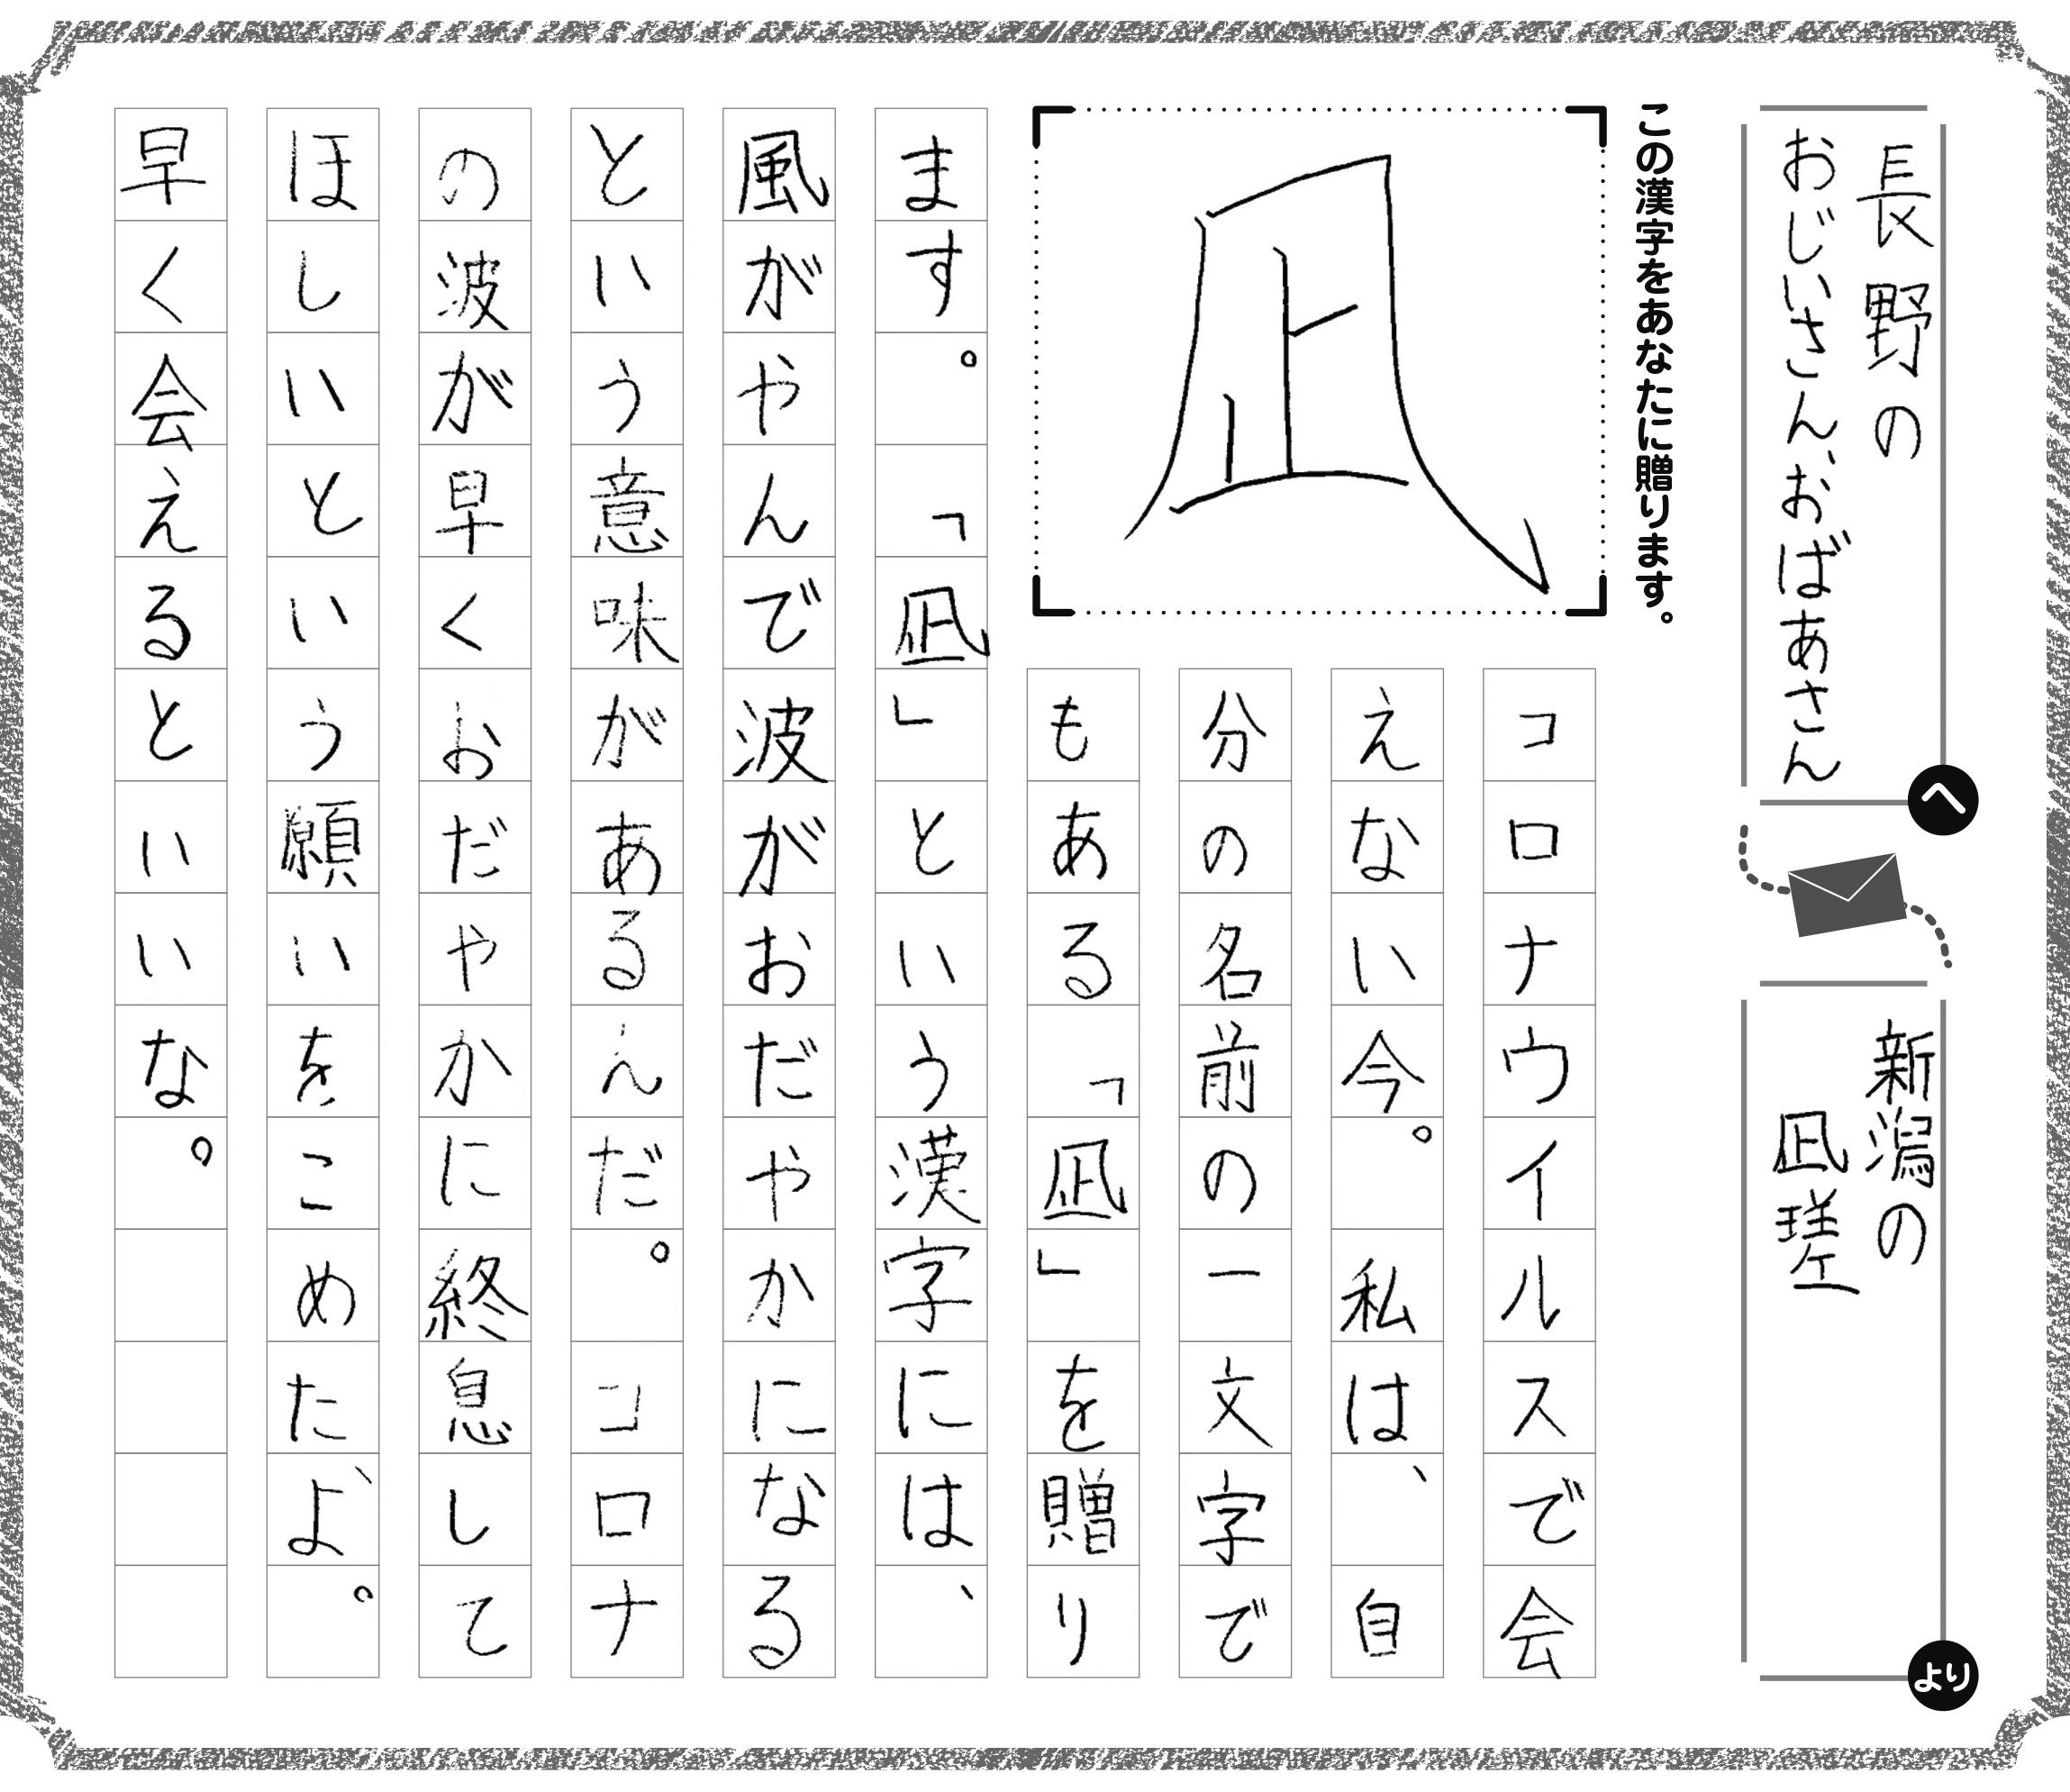 素直な気持ちを漢字で表現して! 漢検「今あなたに贈りたい漢字」募集